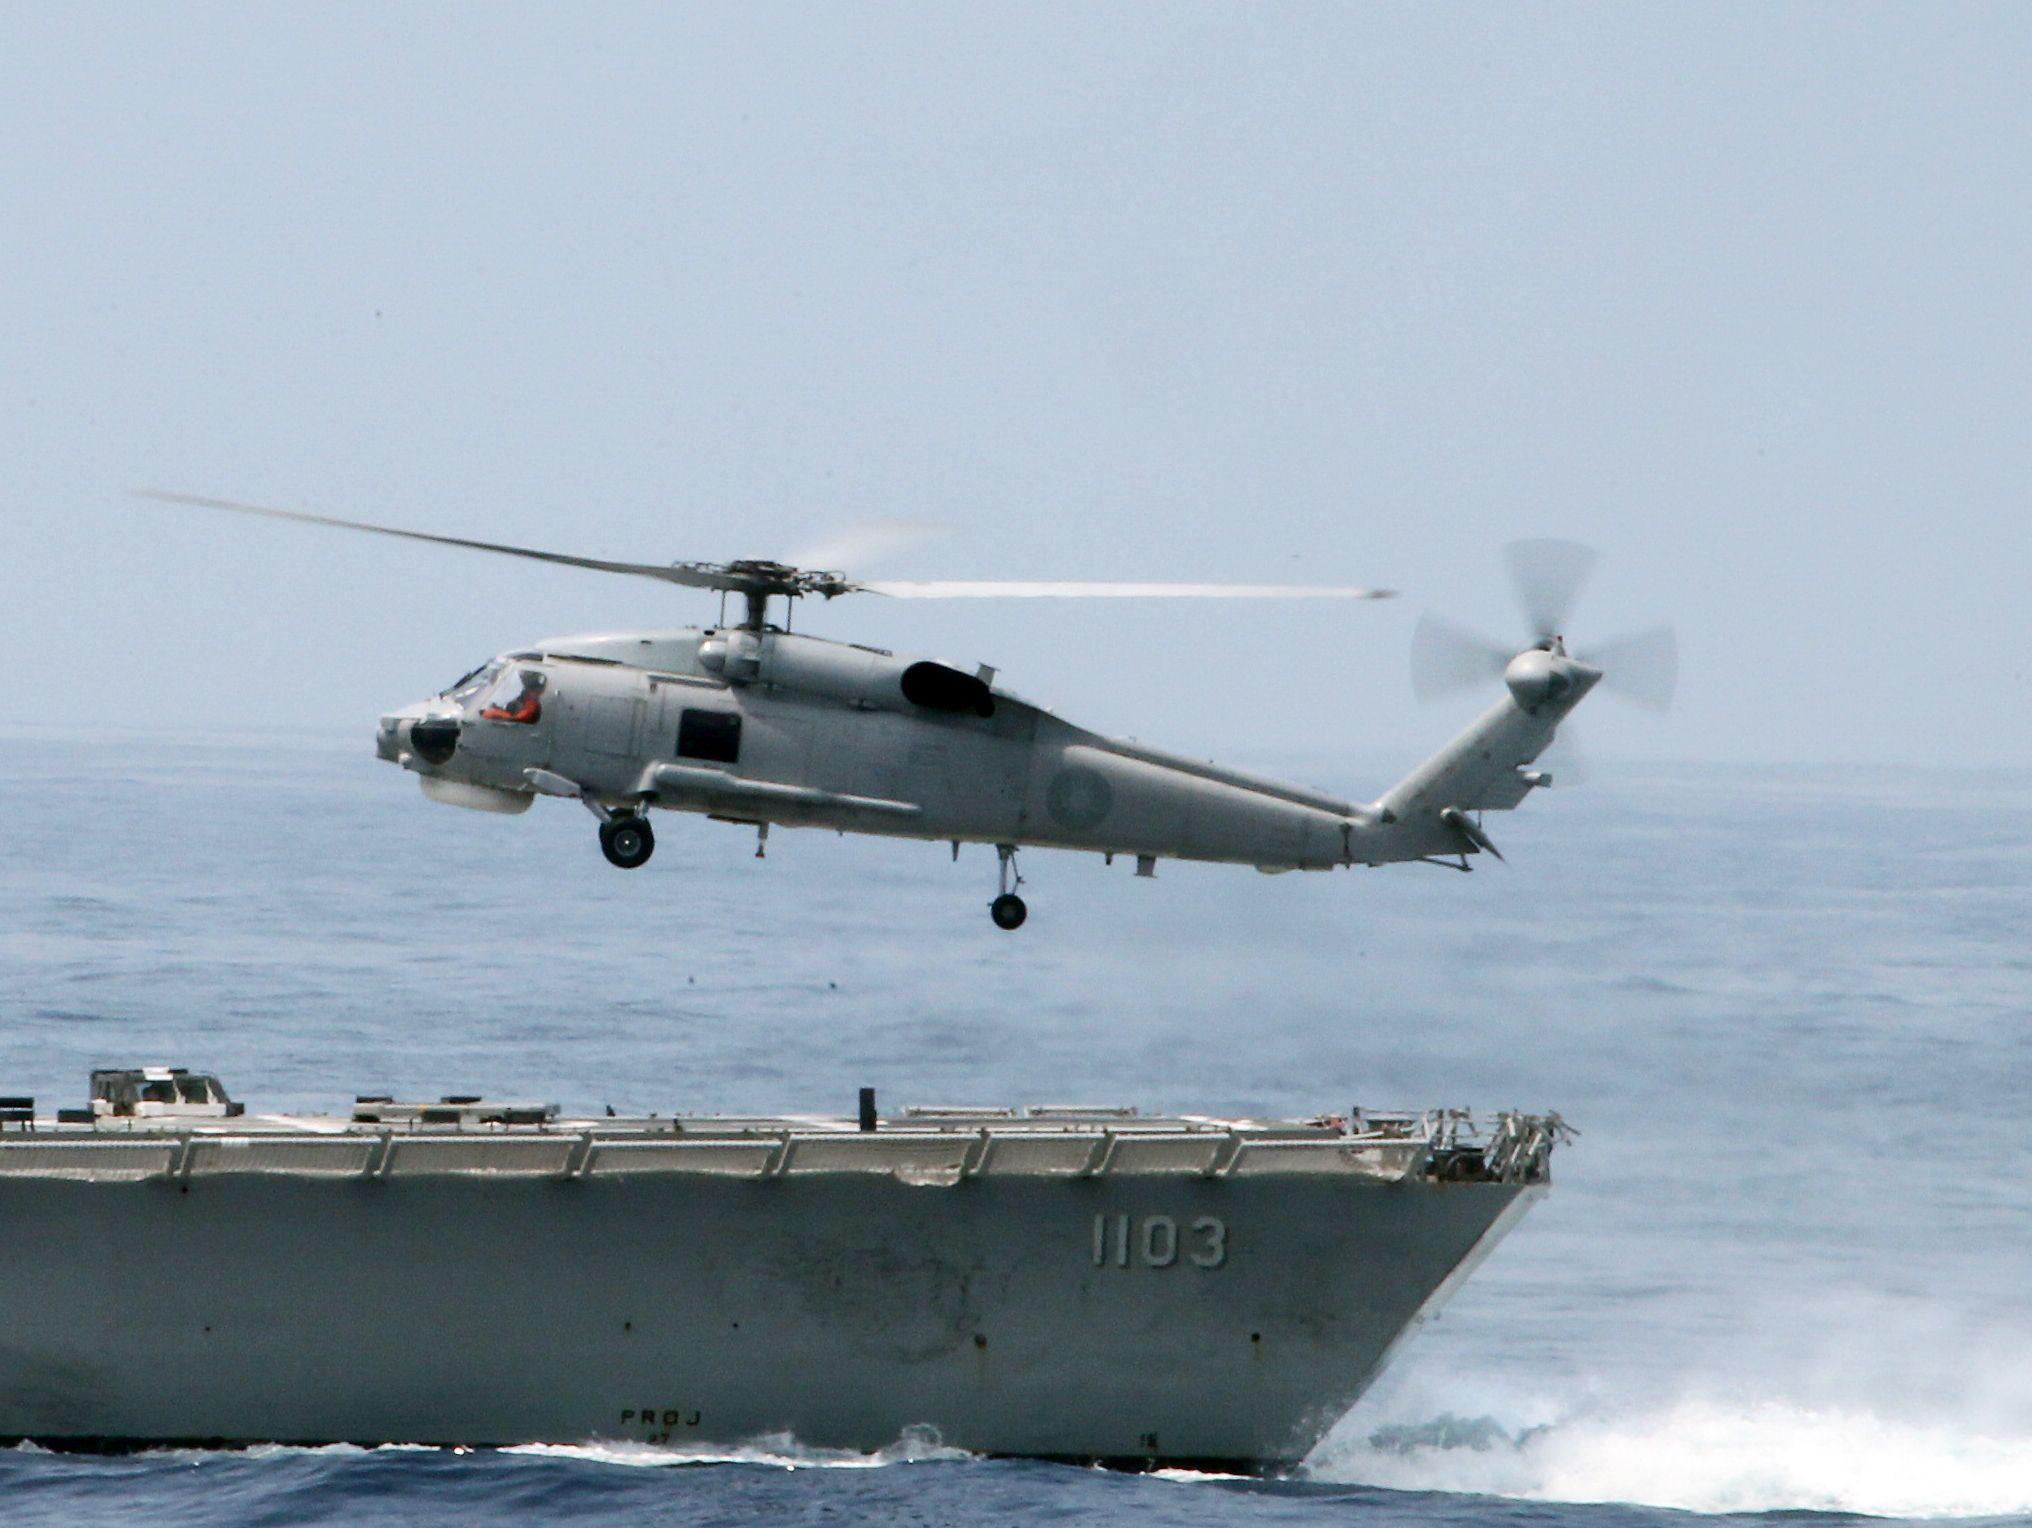 S70C反潛直升機從鄭和艦實施艦上起飛。(記者邱榮吉/蘇澳拍攝)